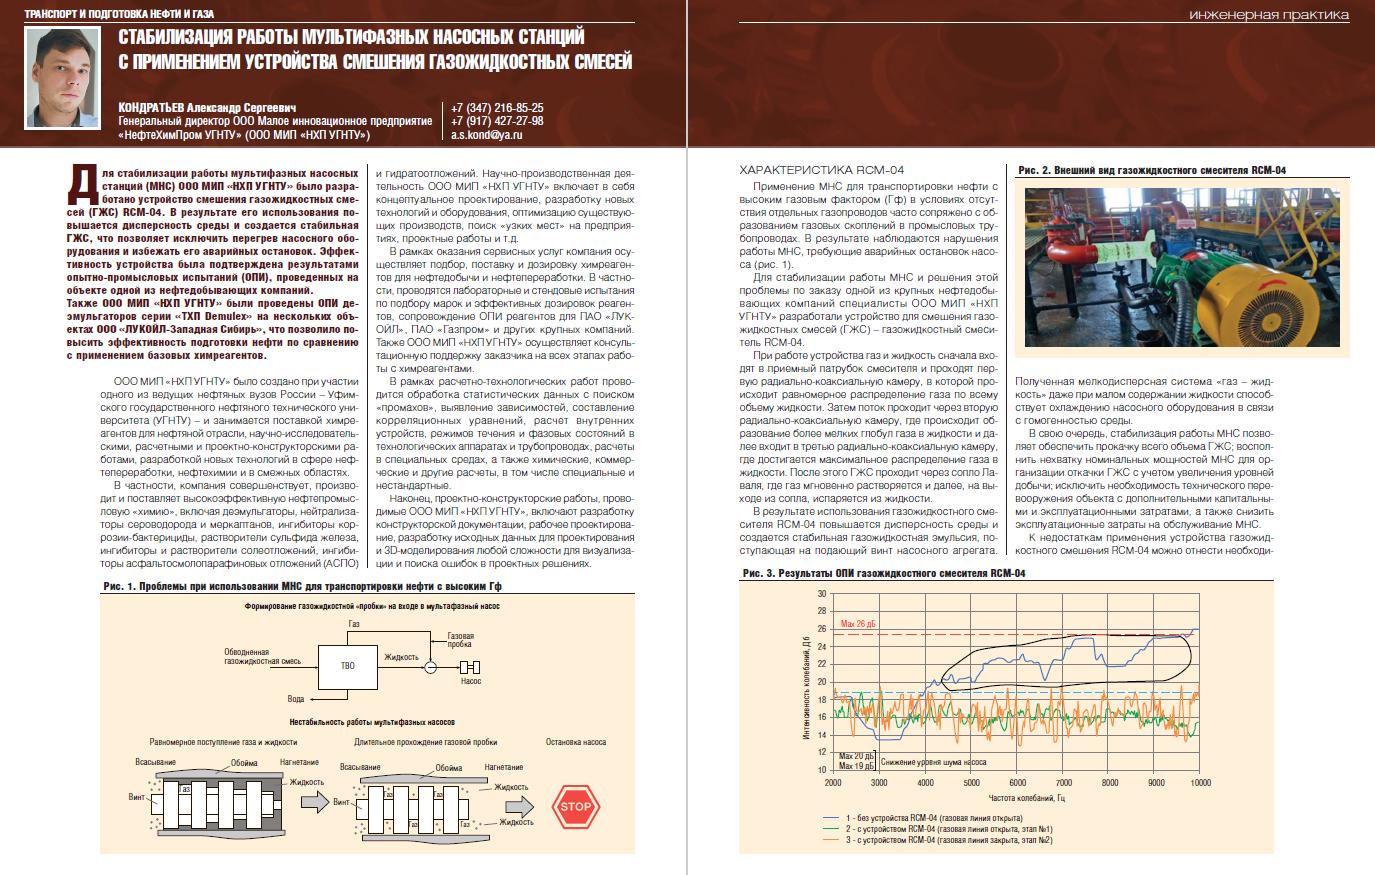 23808 Стабилизация работы мультифазных насосных станций с применением устройства смешения газожидкостных смесей